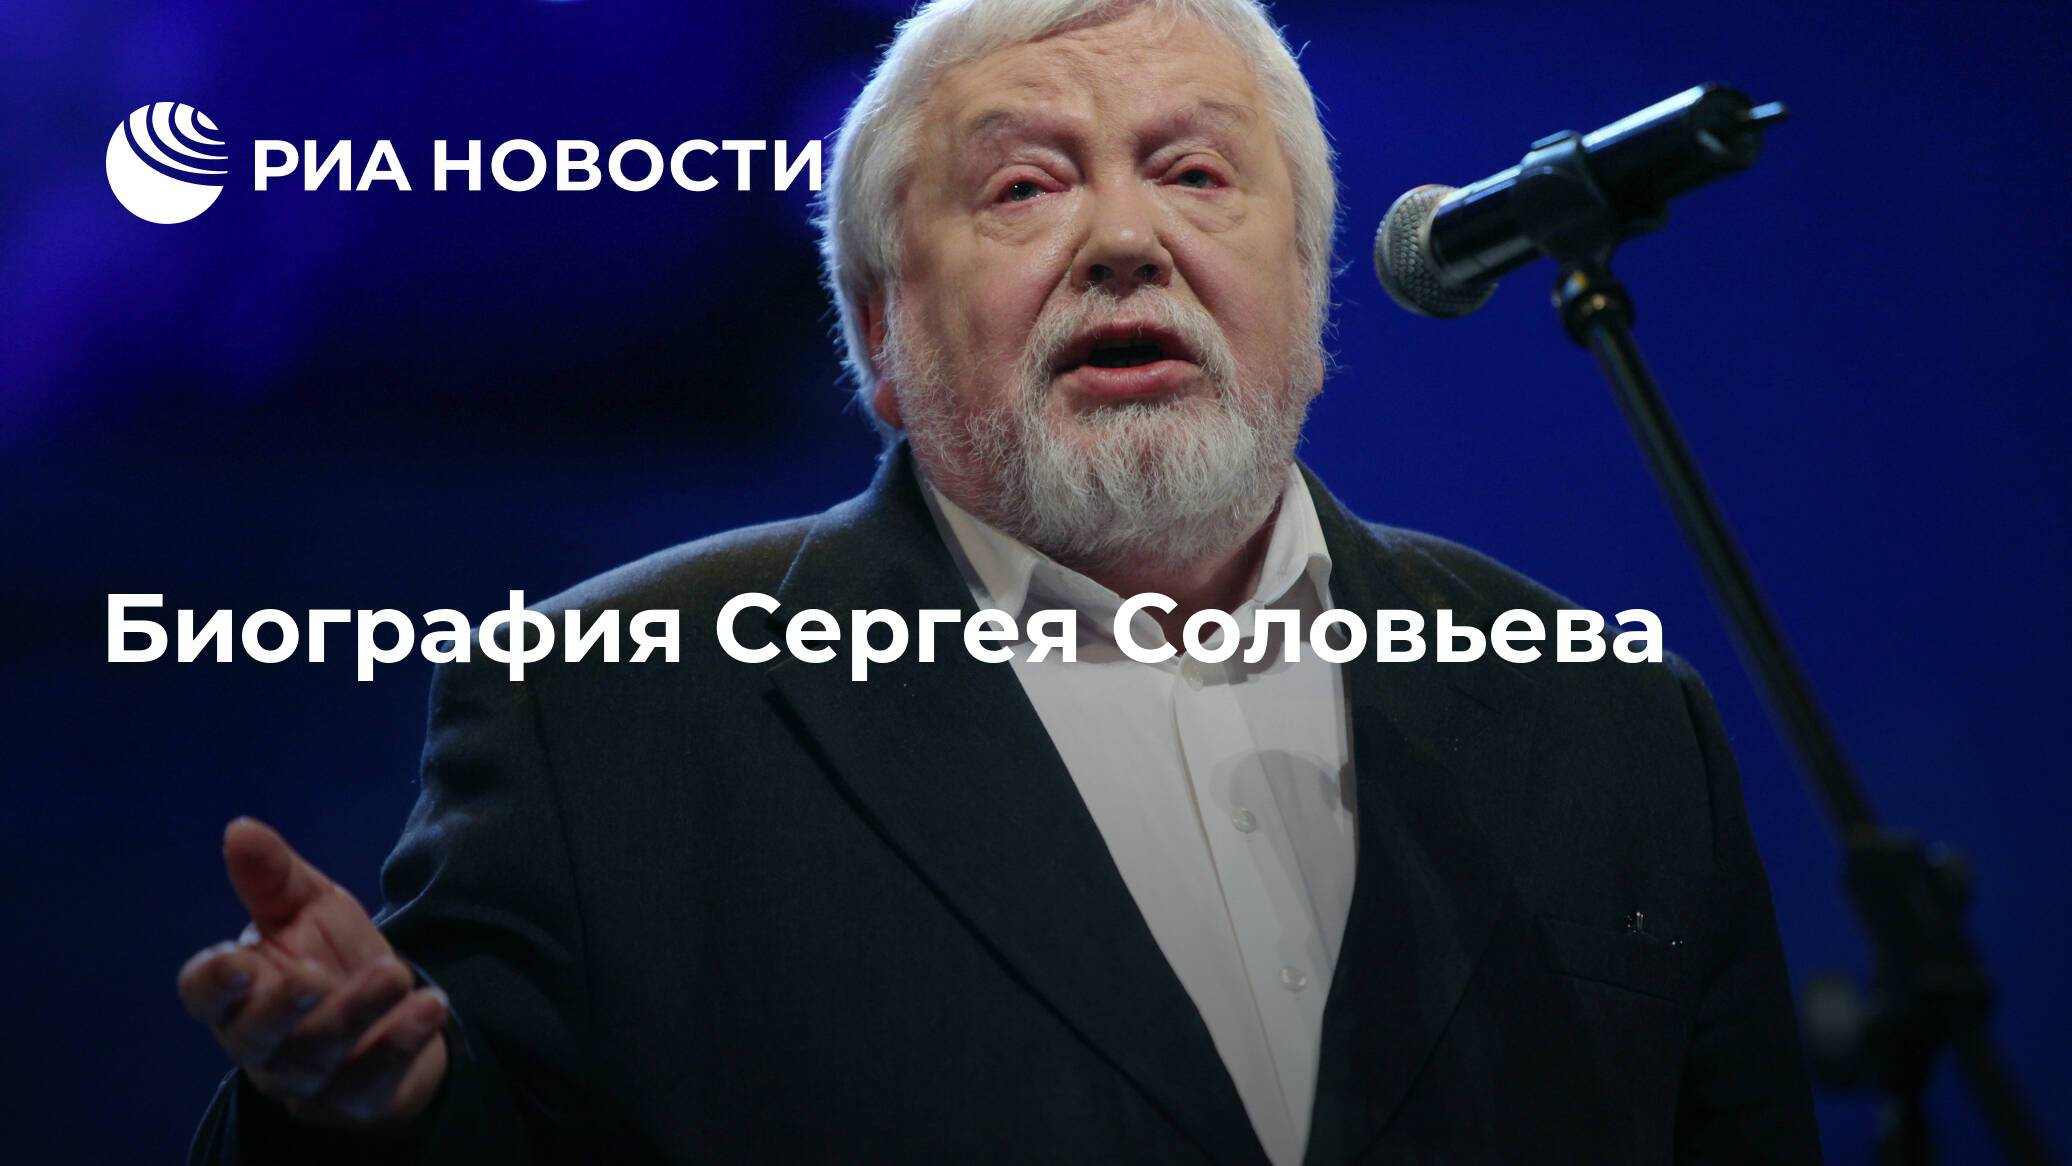 Сергей соловьев — фото, биография, режиссер, личная жизнь, новости, фильмы 2021 - 24сми